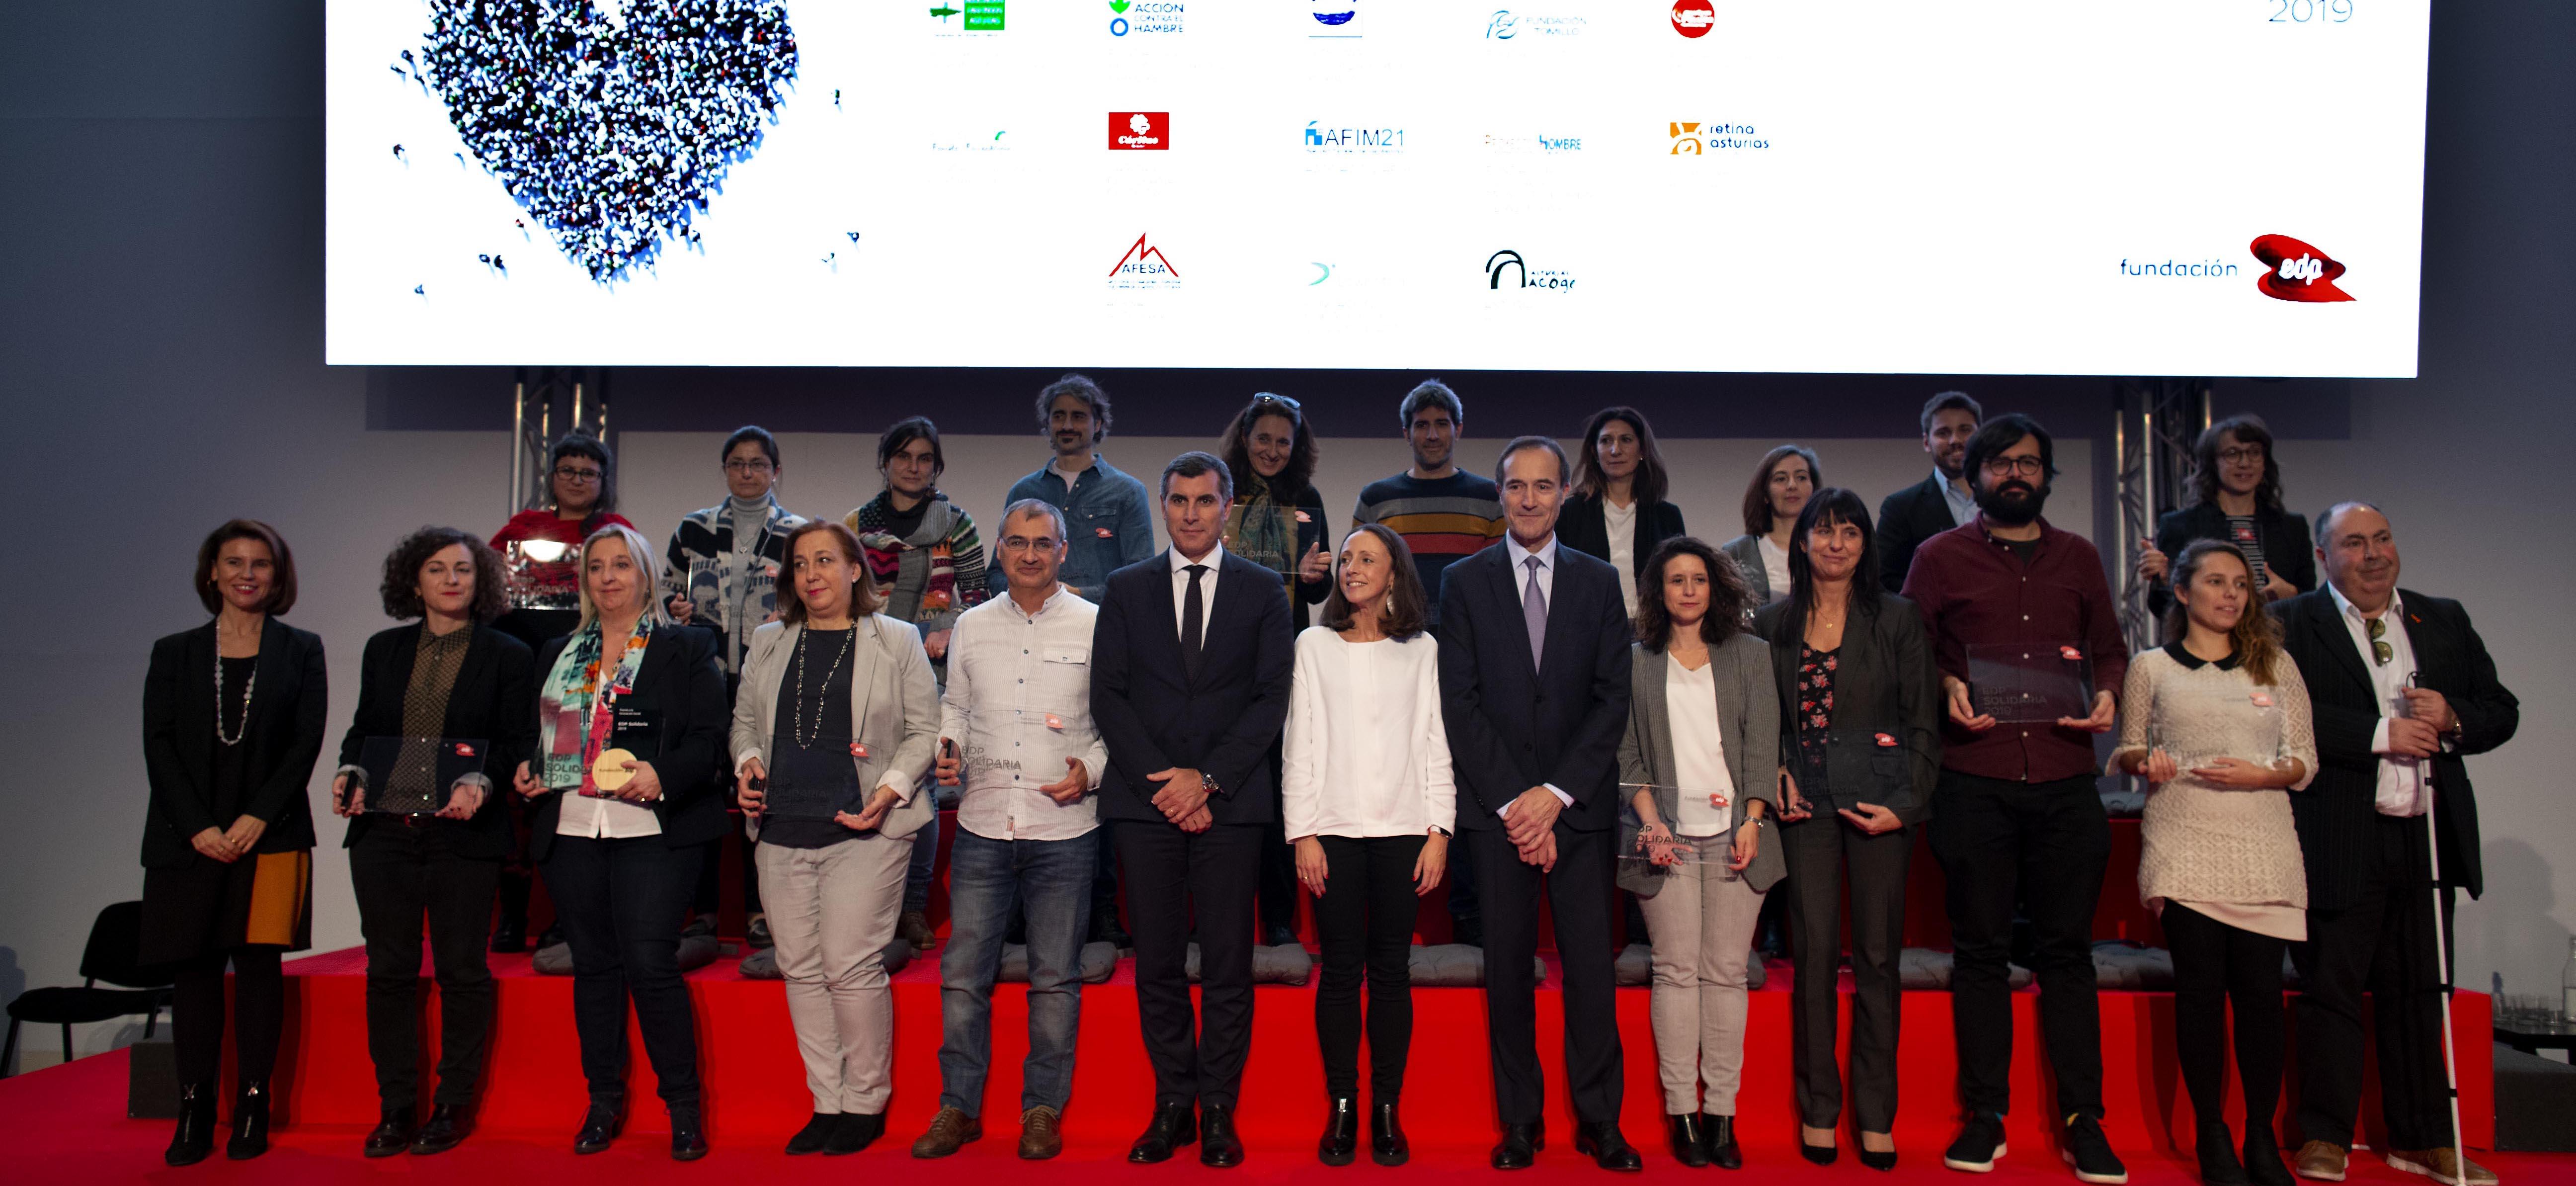 ODS16. La Fundación EDP presenta los 18 proyectos seleccionados en EDP Solidaria - Corresponsables.com